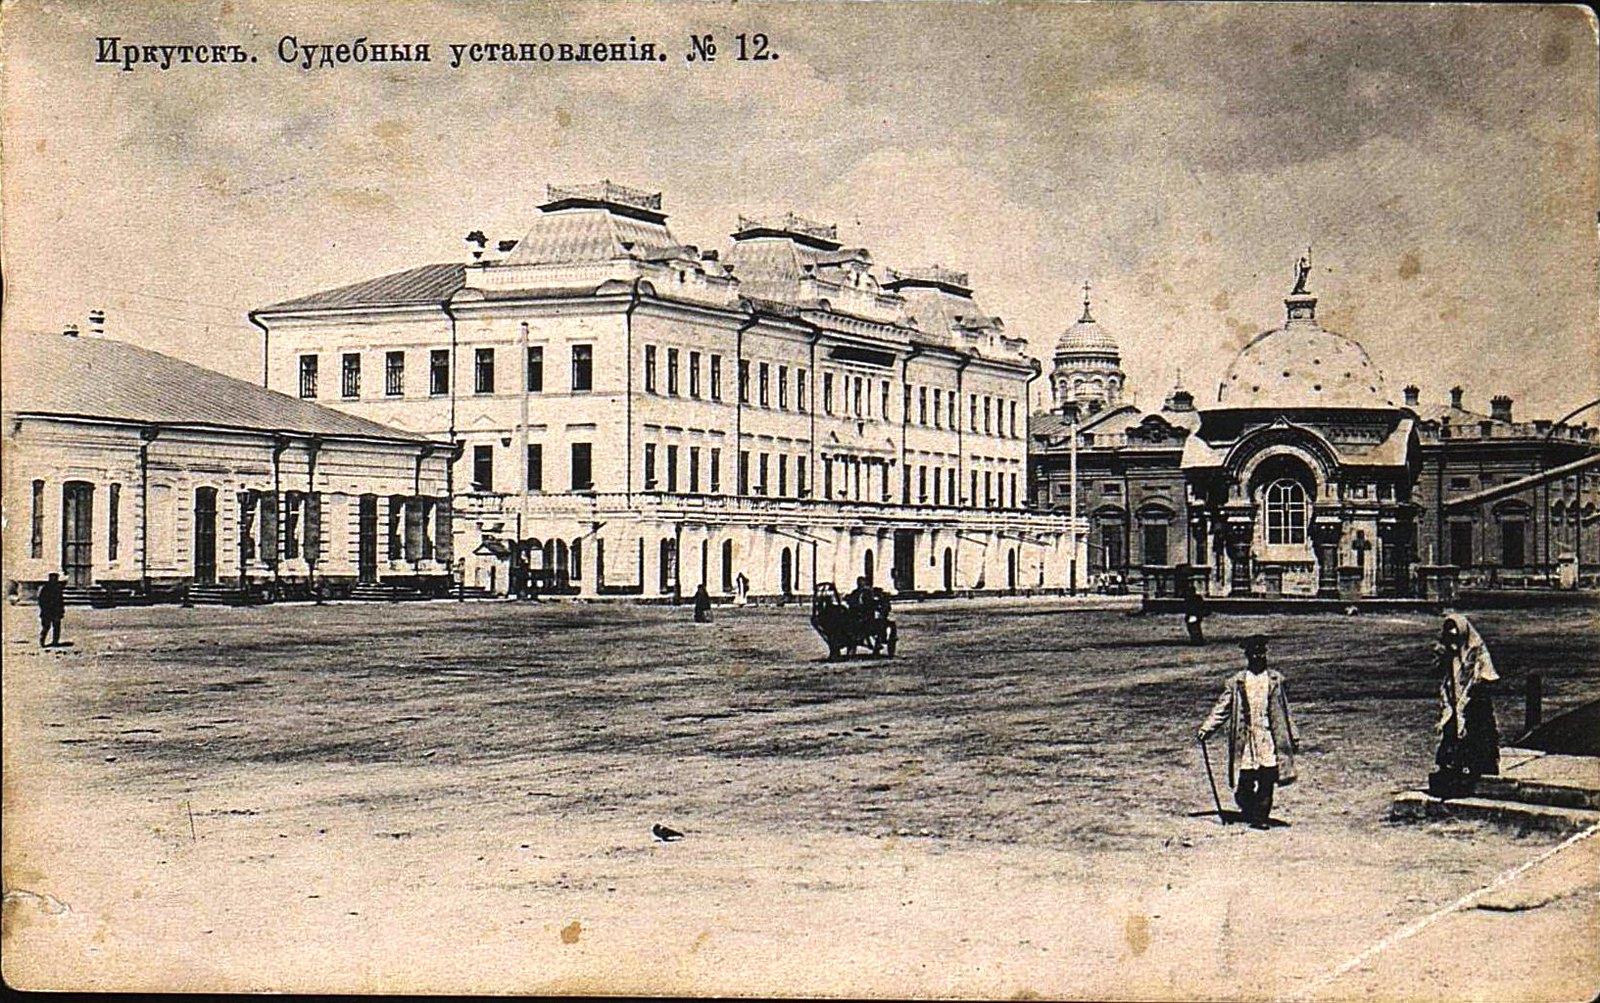 18. Ивановская улица.  Судебные установления